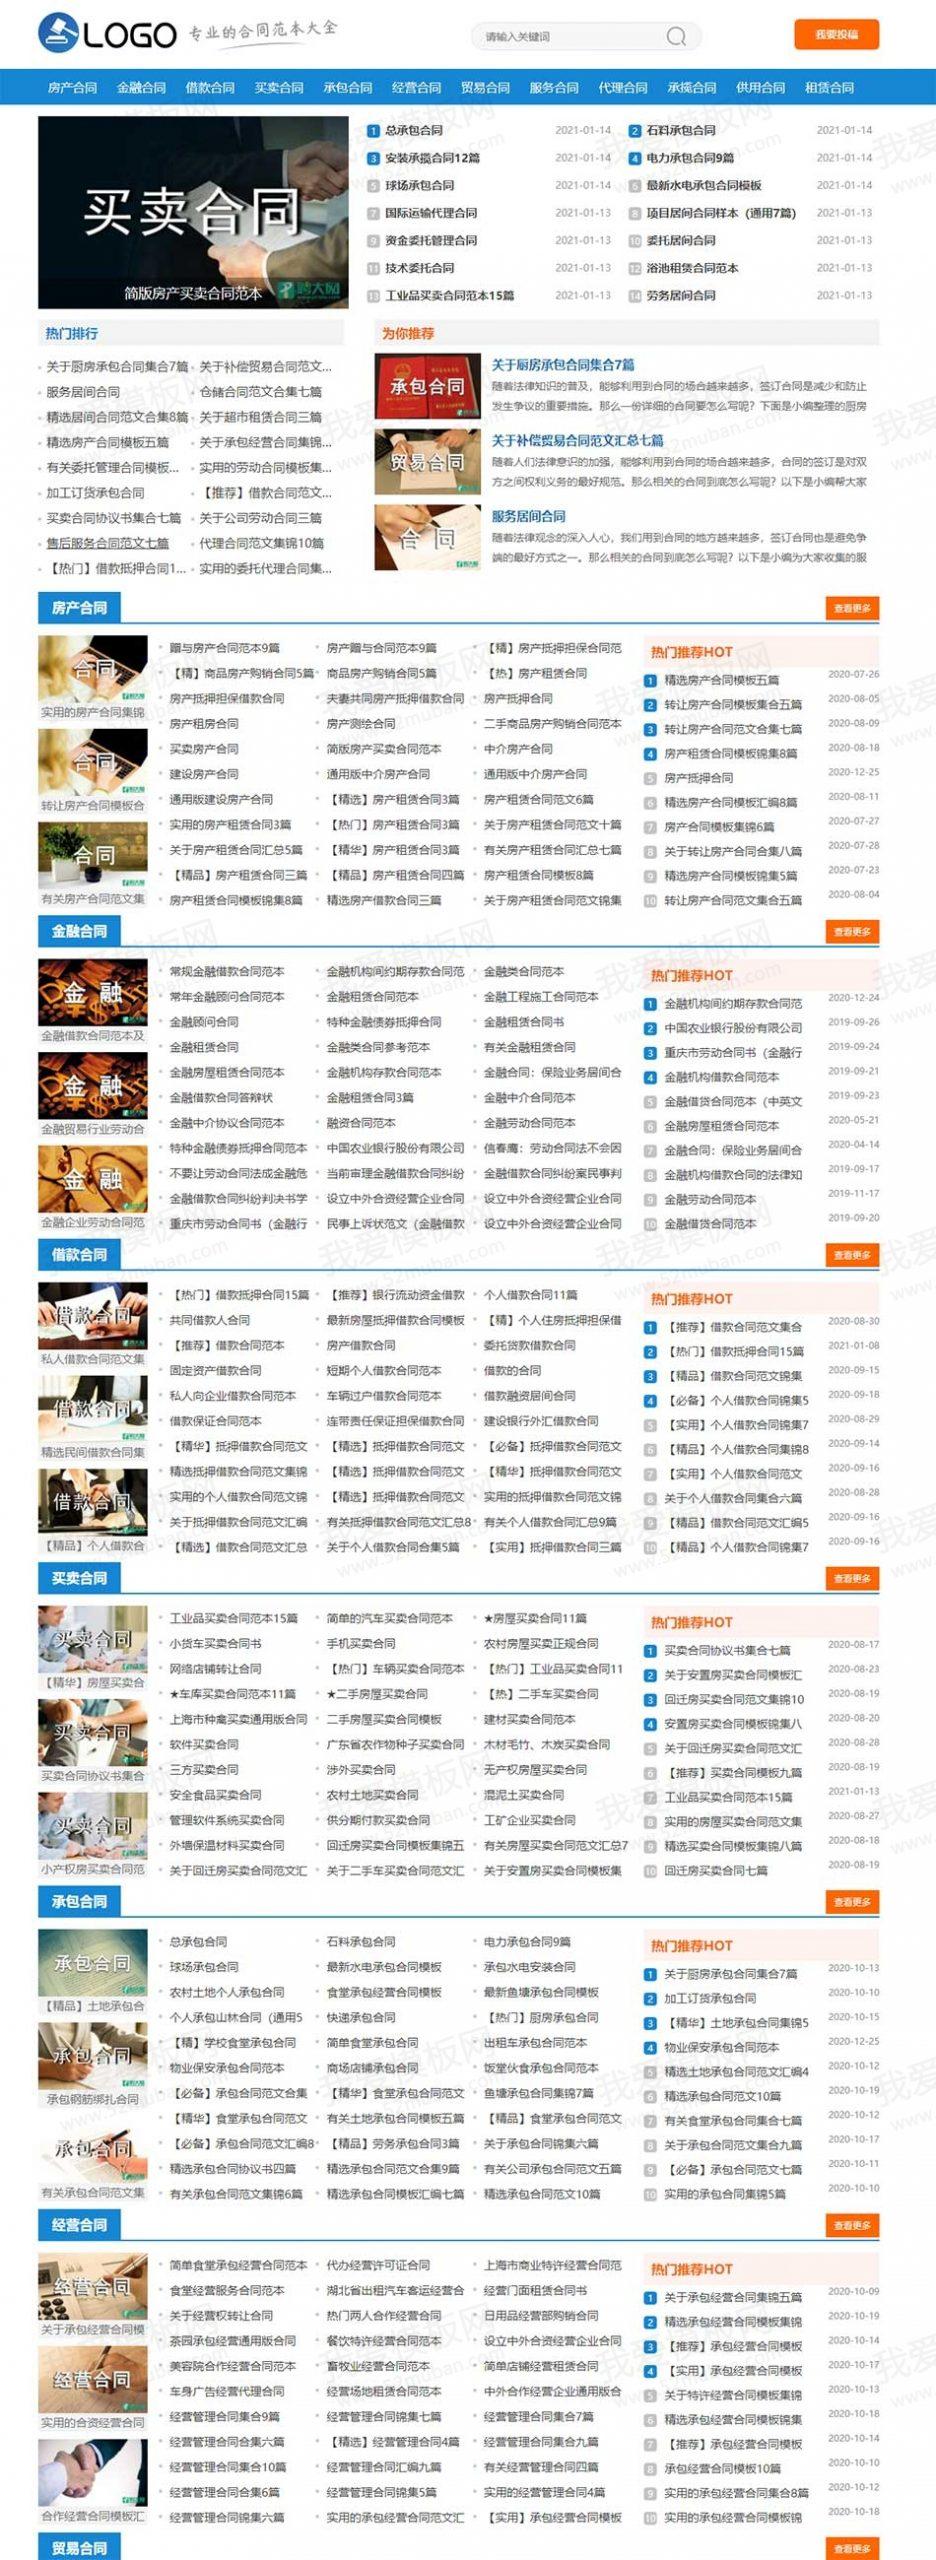 仿《合同范本》自适应源码 合同范本资讯网站响应式文章帝国模板